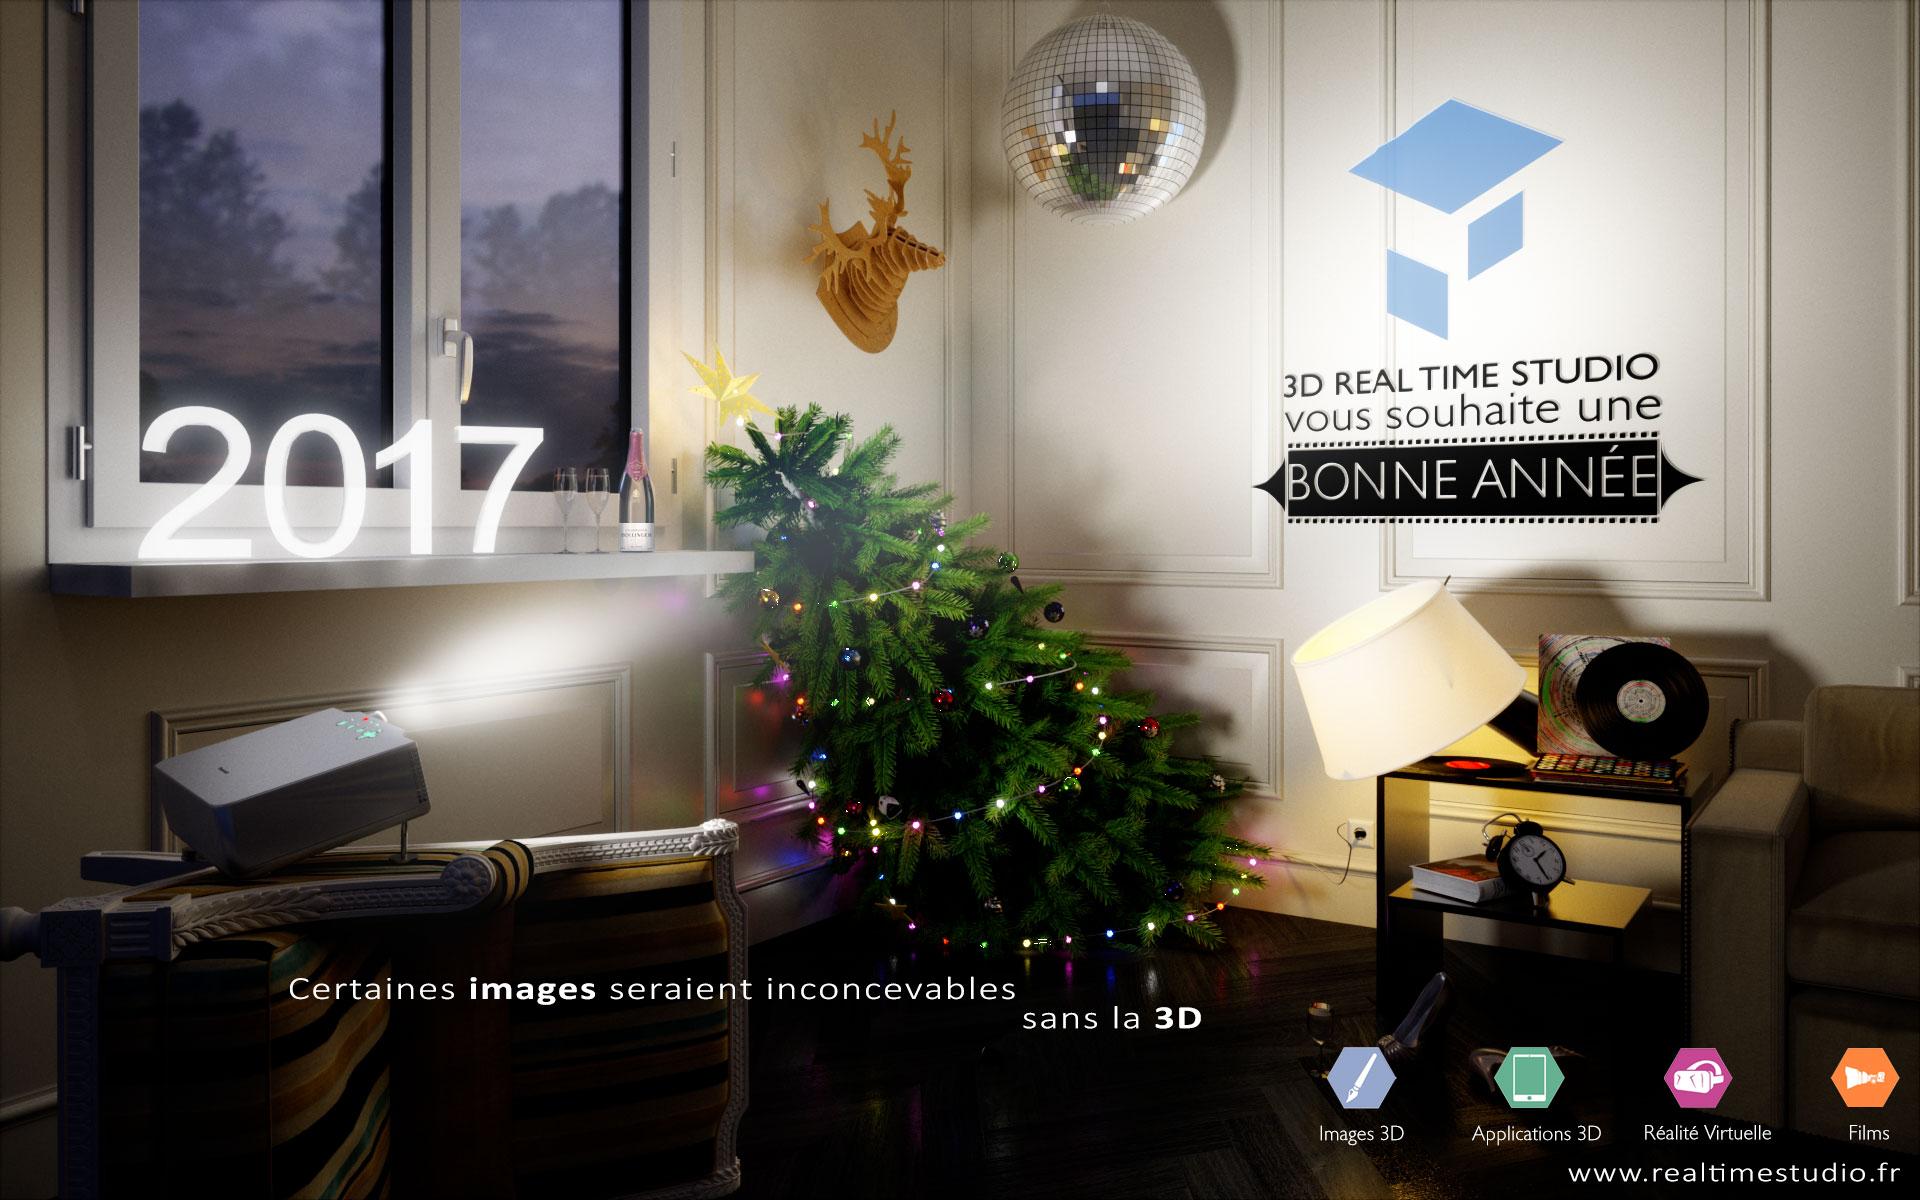 Bonne Année 2017 image 3D par 3D Real Time Studio